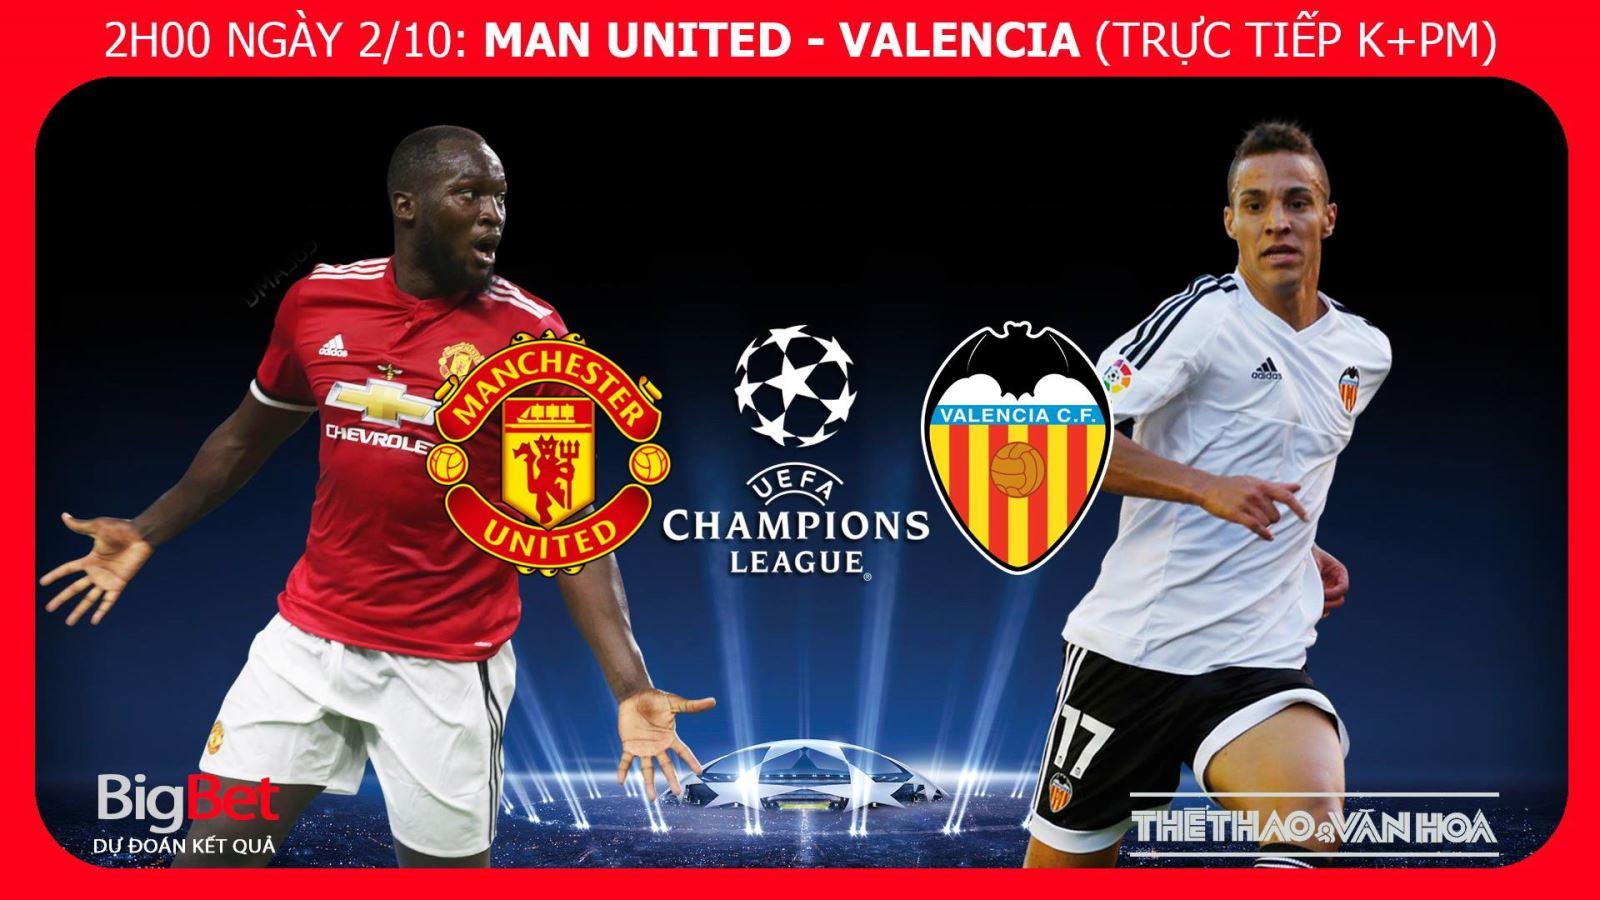 MU, Kèo MU vs Valencia, Soi kèo MU, Dự đoán bóng đá, Trực tiếp MU vs Valencia, nhận định MU, nhận định MU vs Valencia, trực tiếp MU, trực tiếp Cúp C1, lịch thi đấu